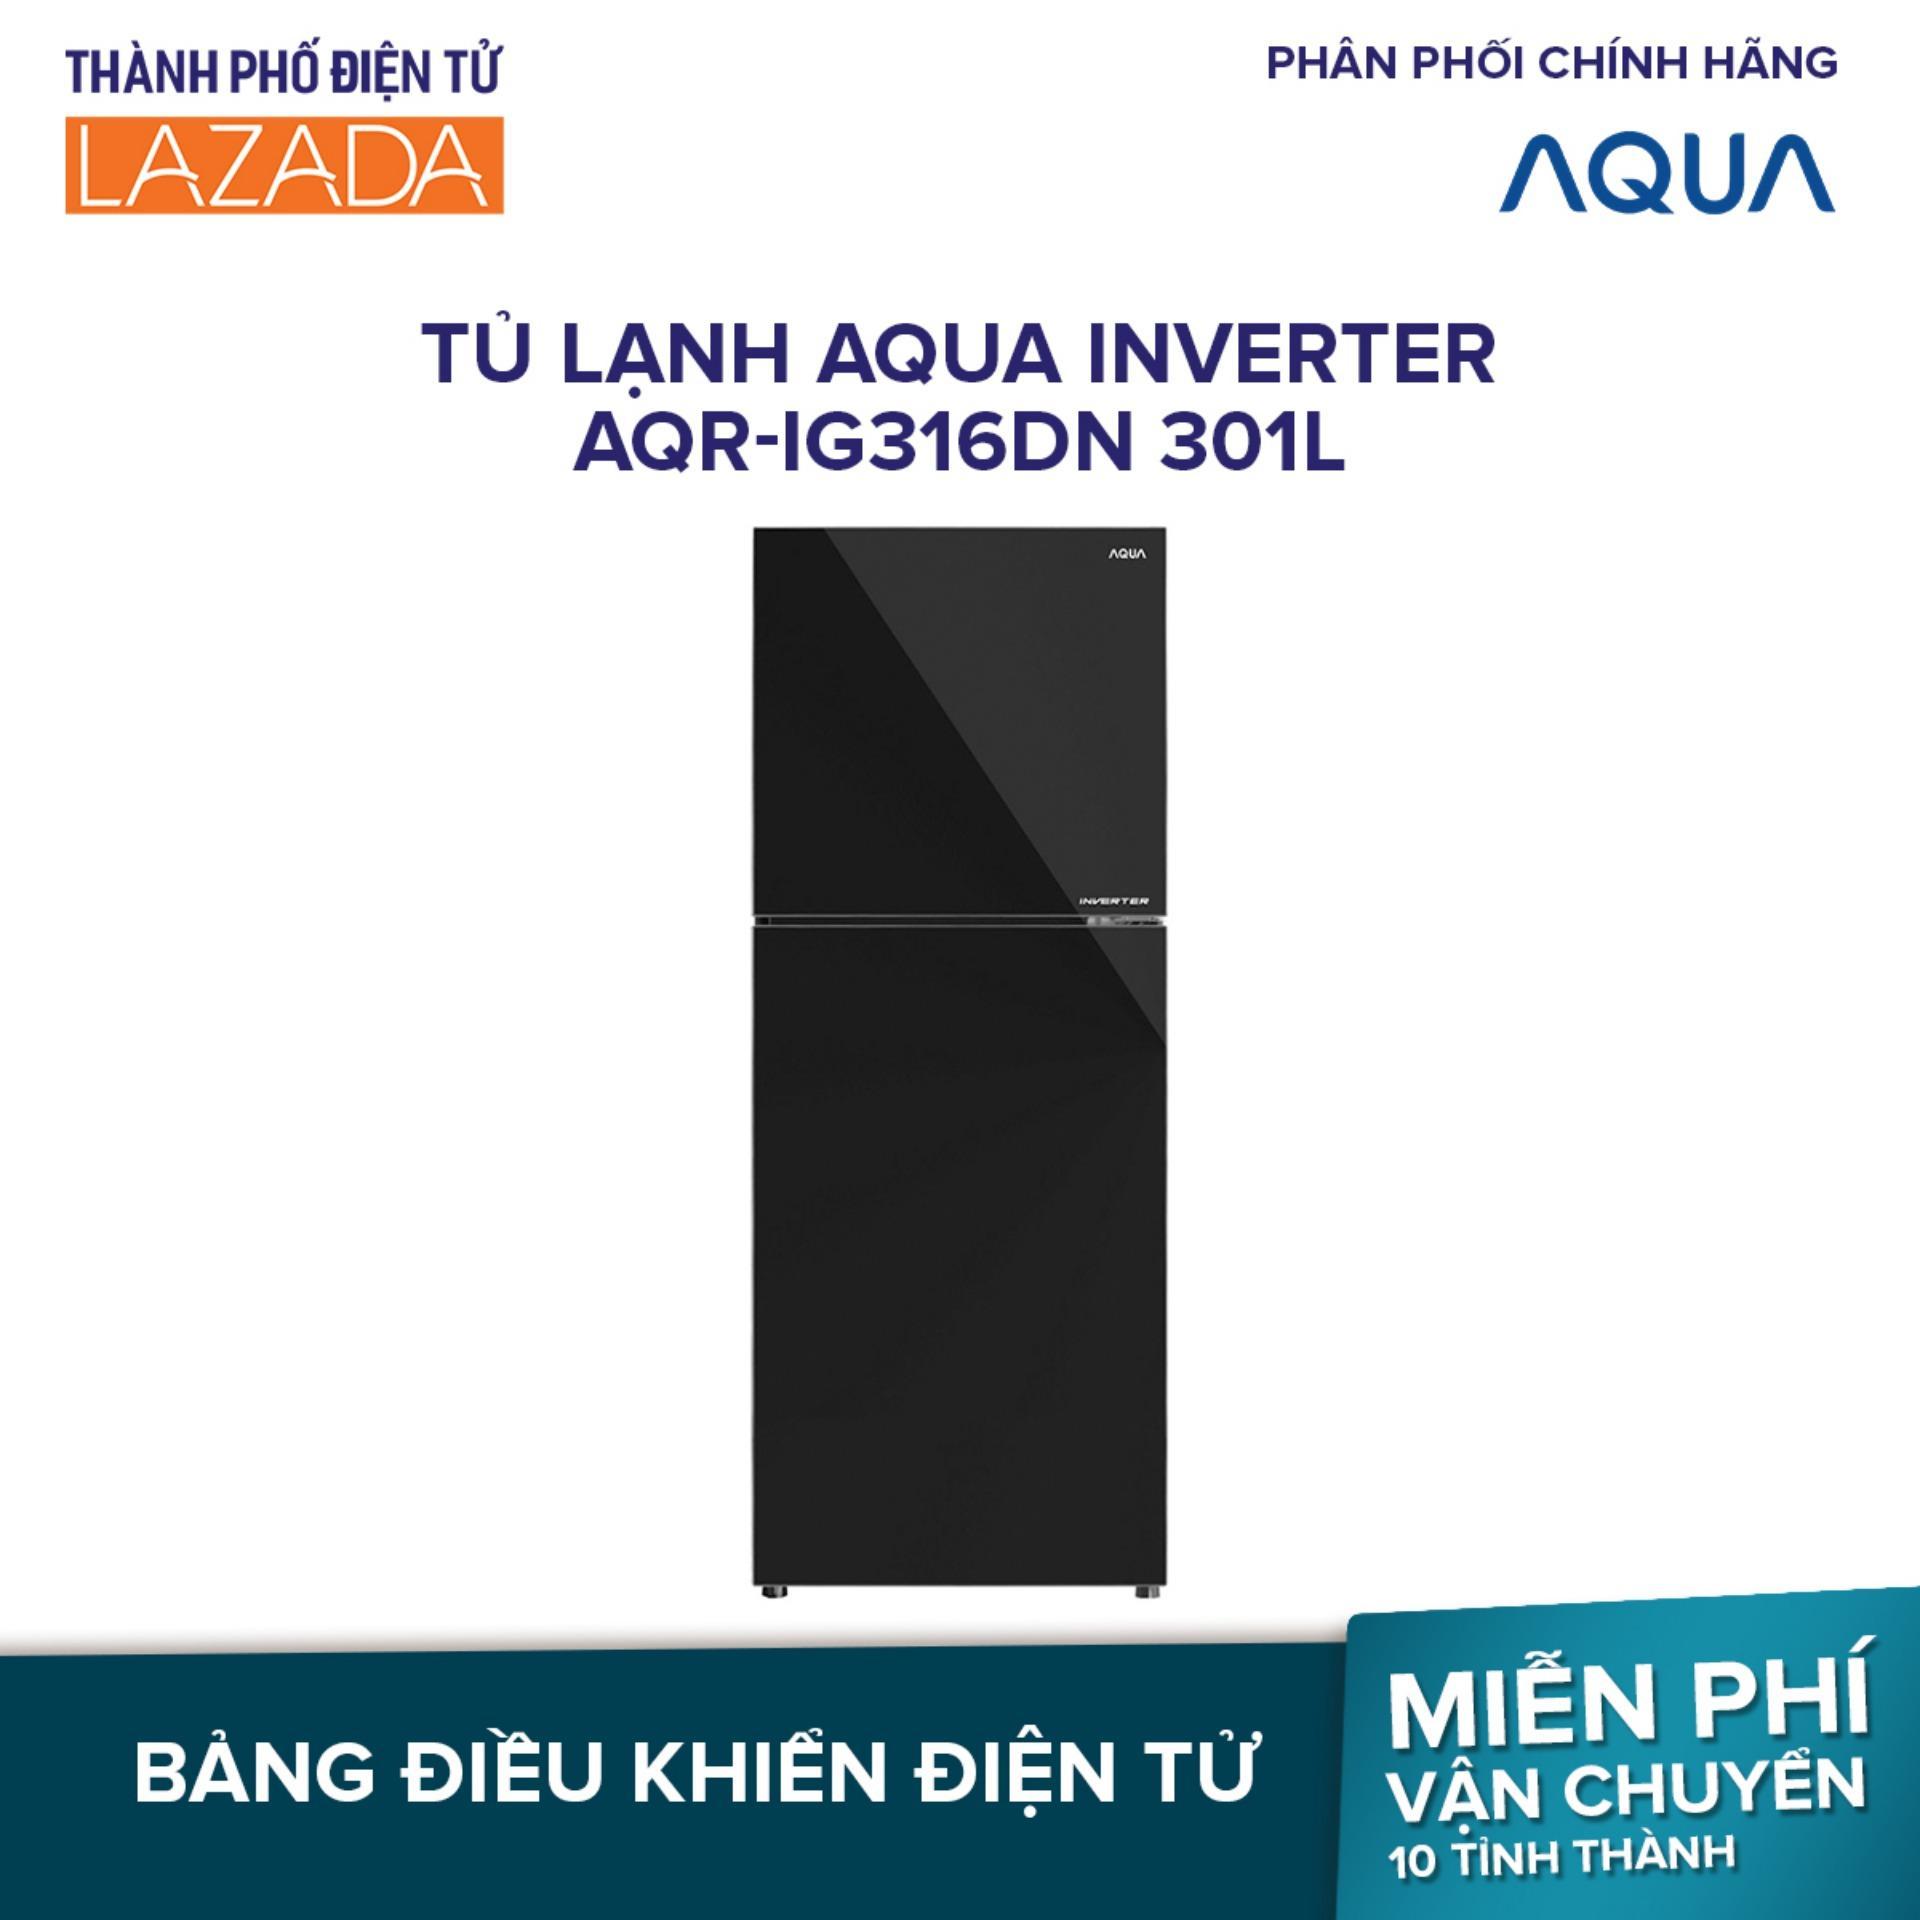 Tủ lạnh Aqua Inverter AQR-IG316DN 301L - Hàng phân phối chính hãng